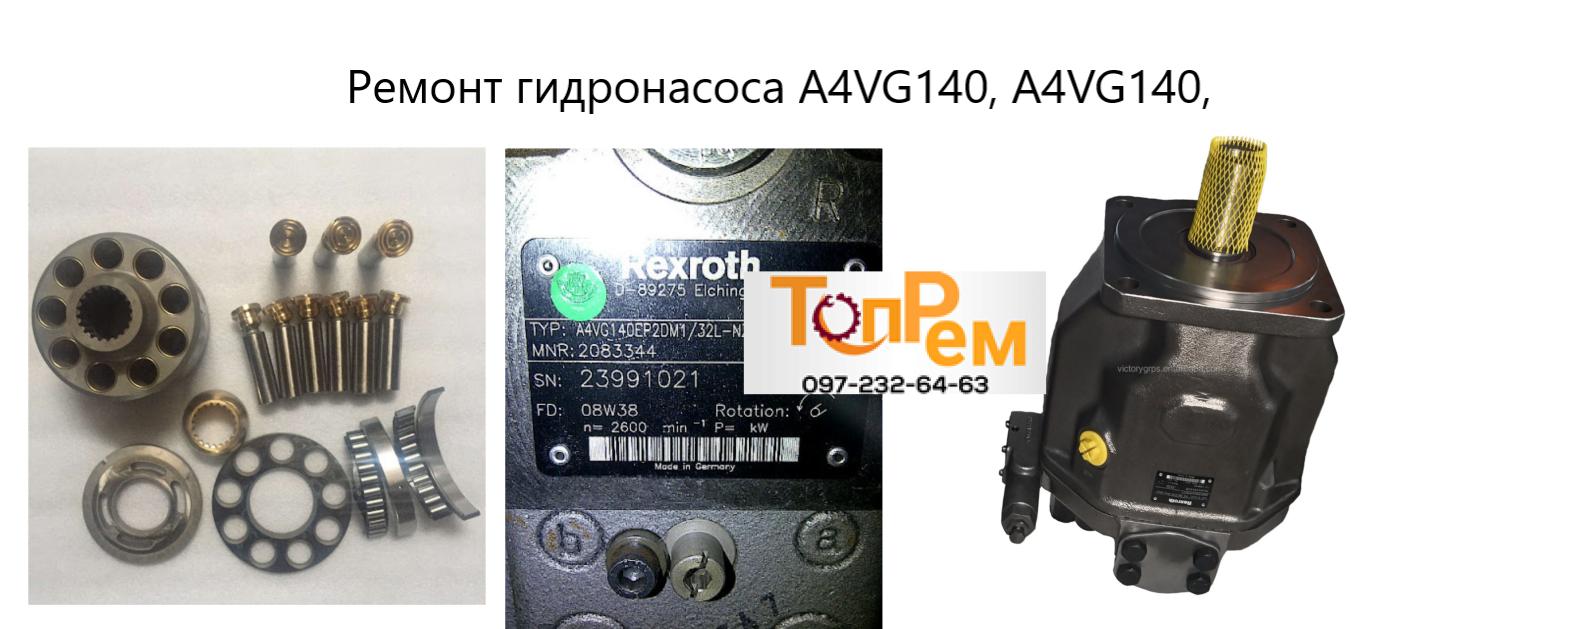 Ремонт гидронасоса A4VG140